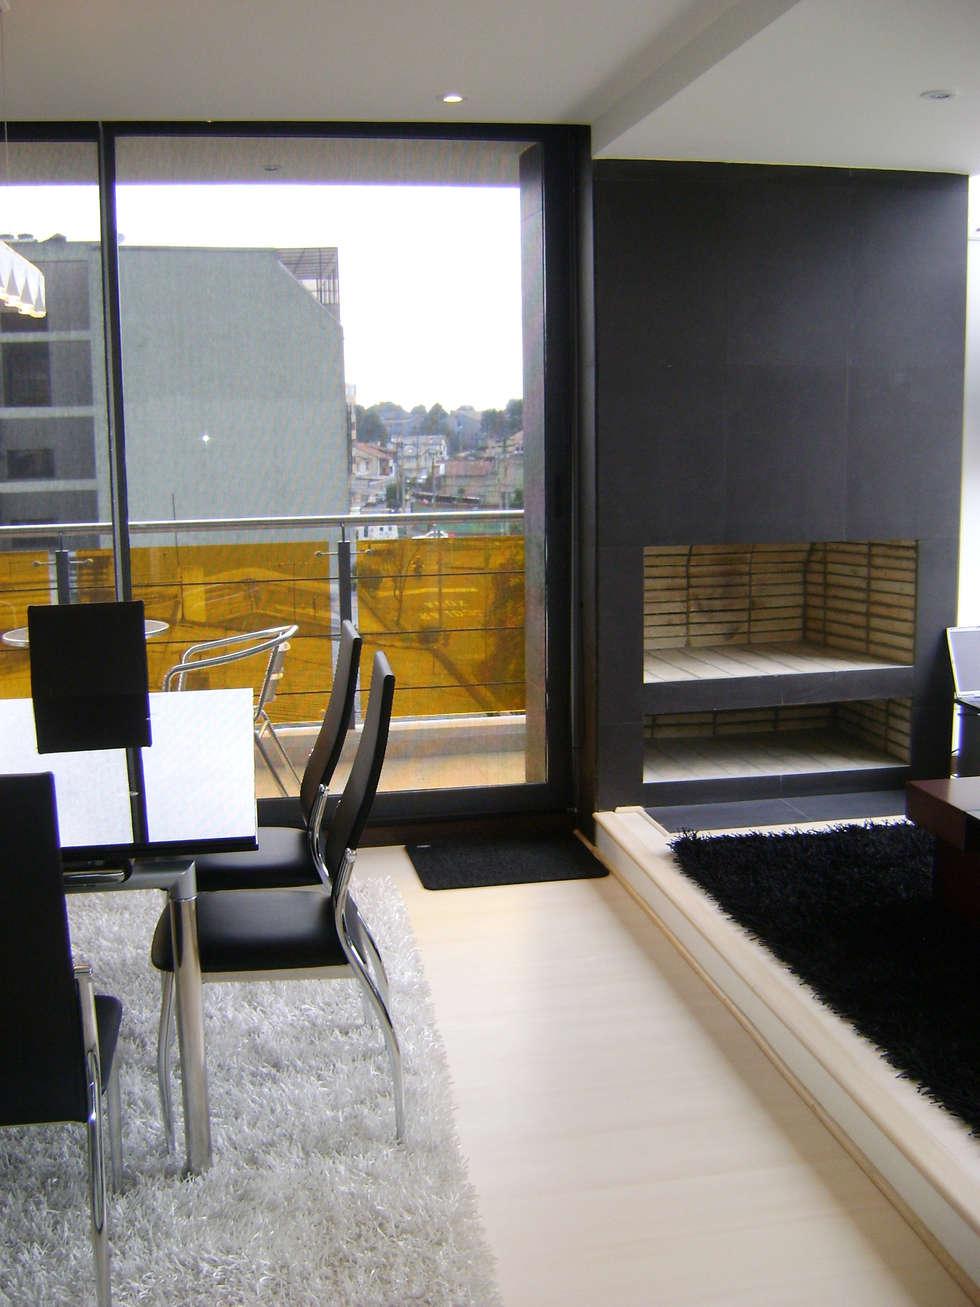 Pent House  RuizPerez-Chimenea: Salas de estilo moderno por RIVAL Arquitectos  S.A.S.